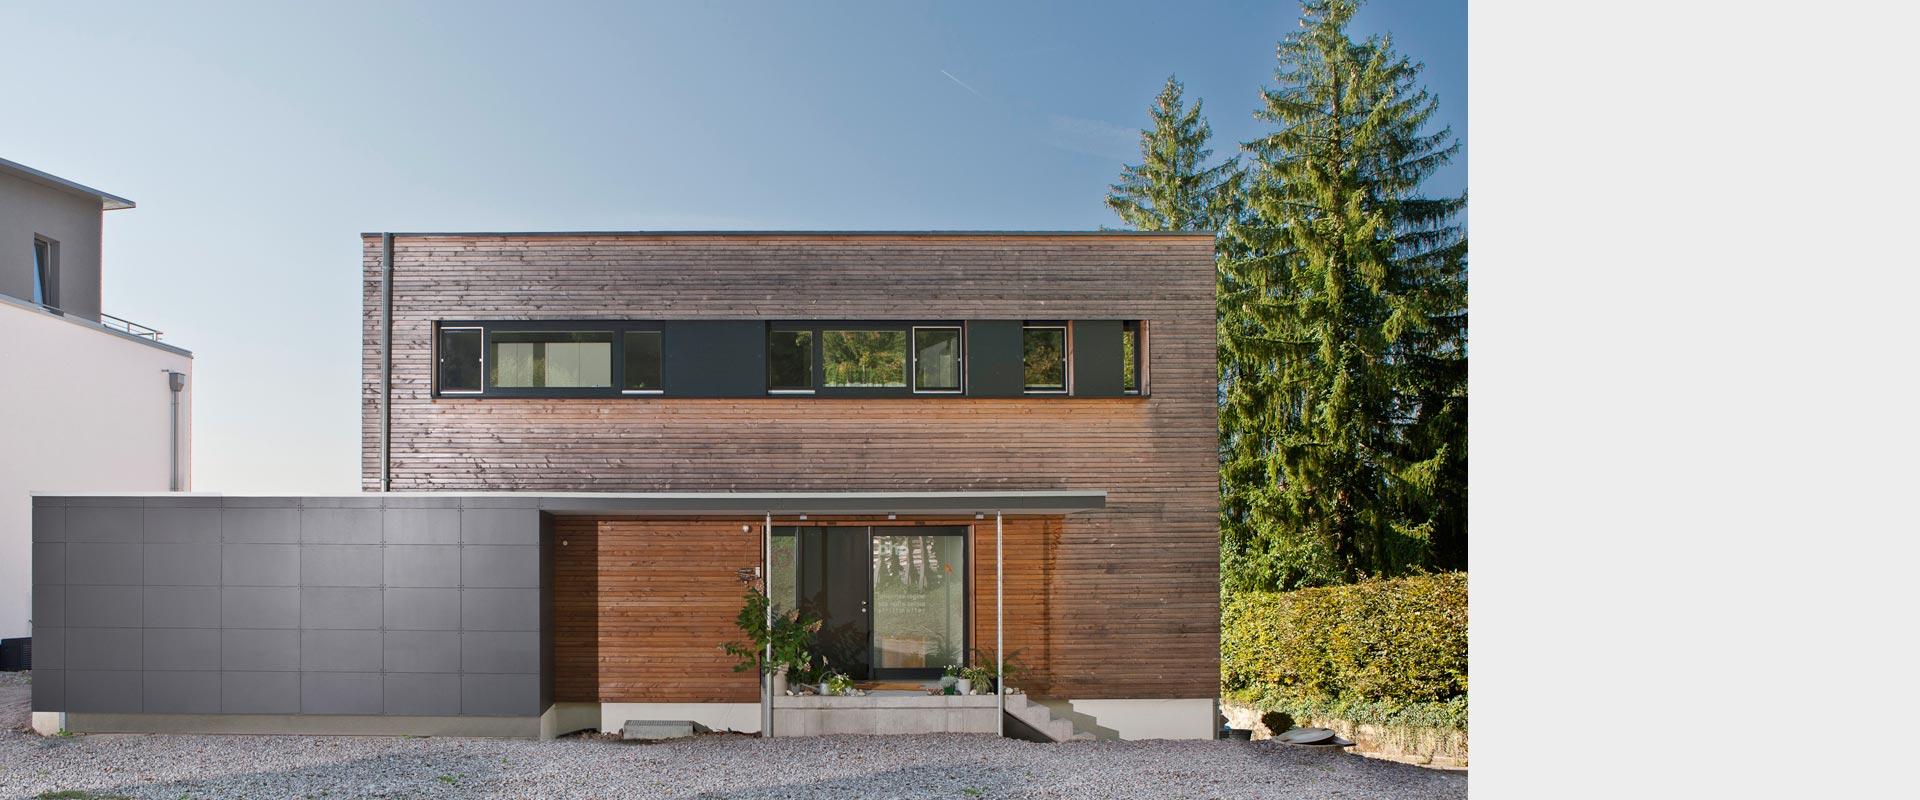 architekturbuero_henning_musahl_waldshut_wohnhaus_s_04